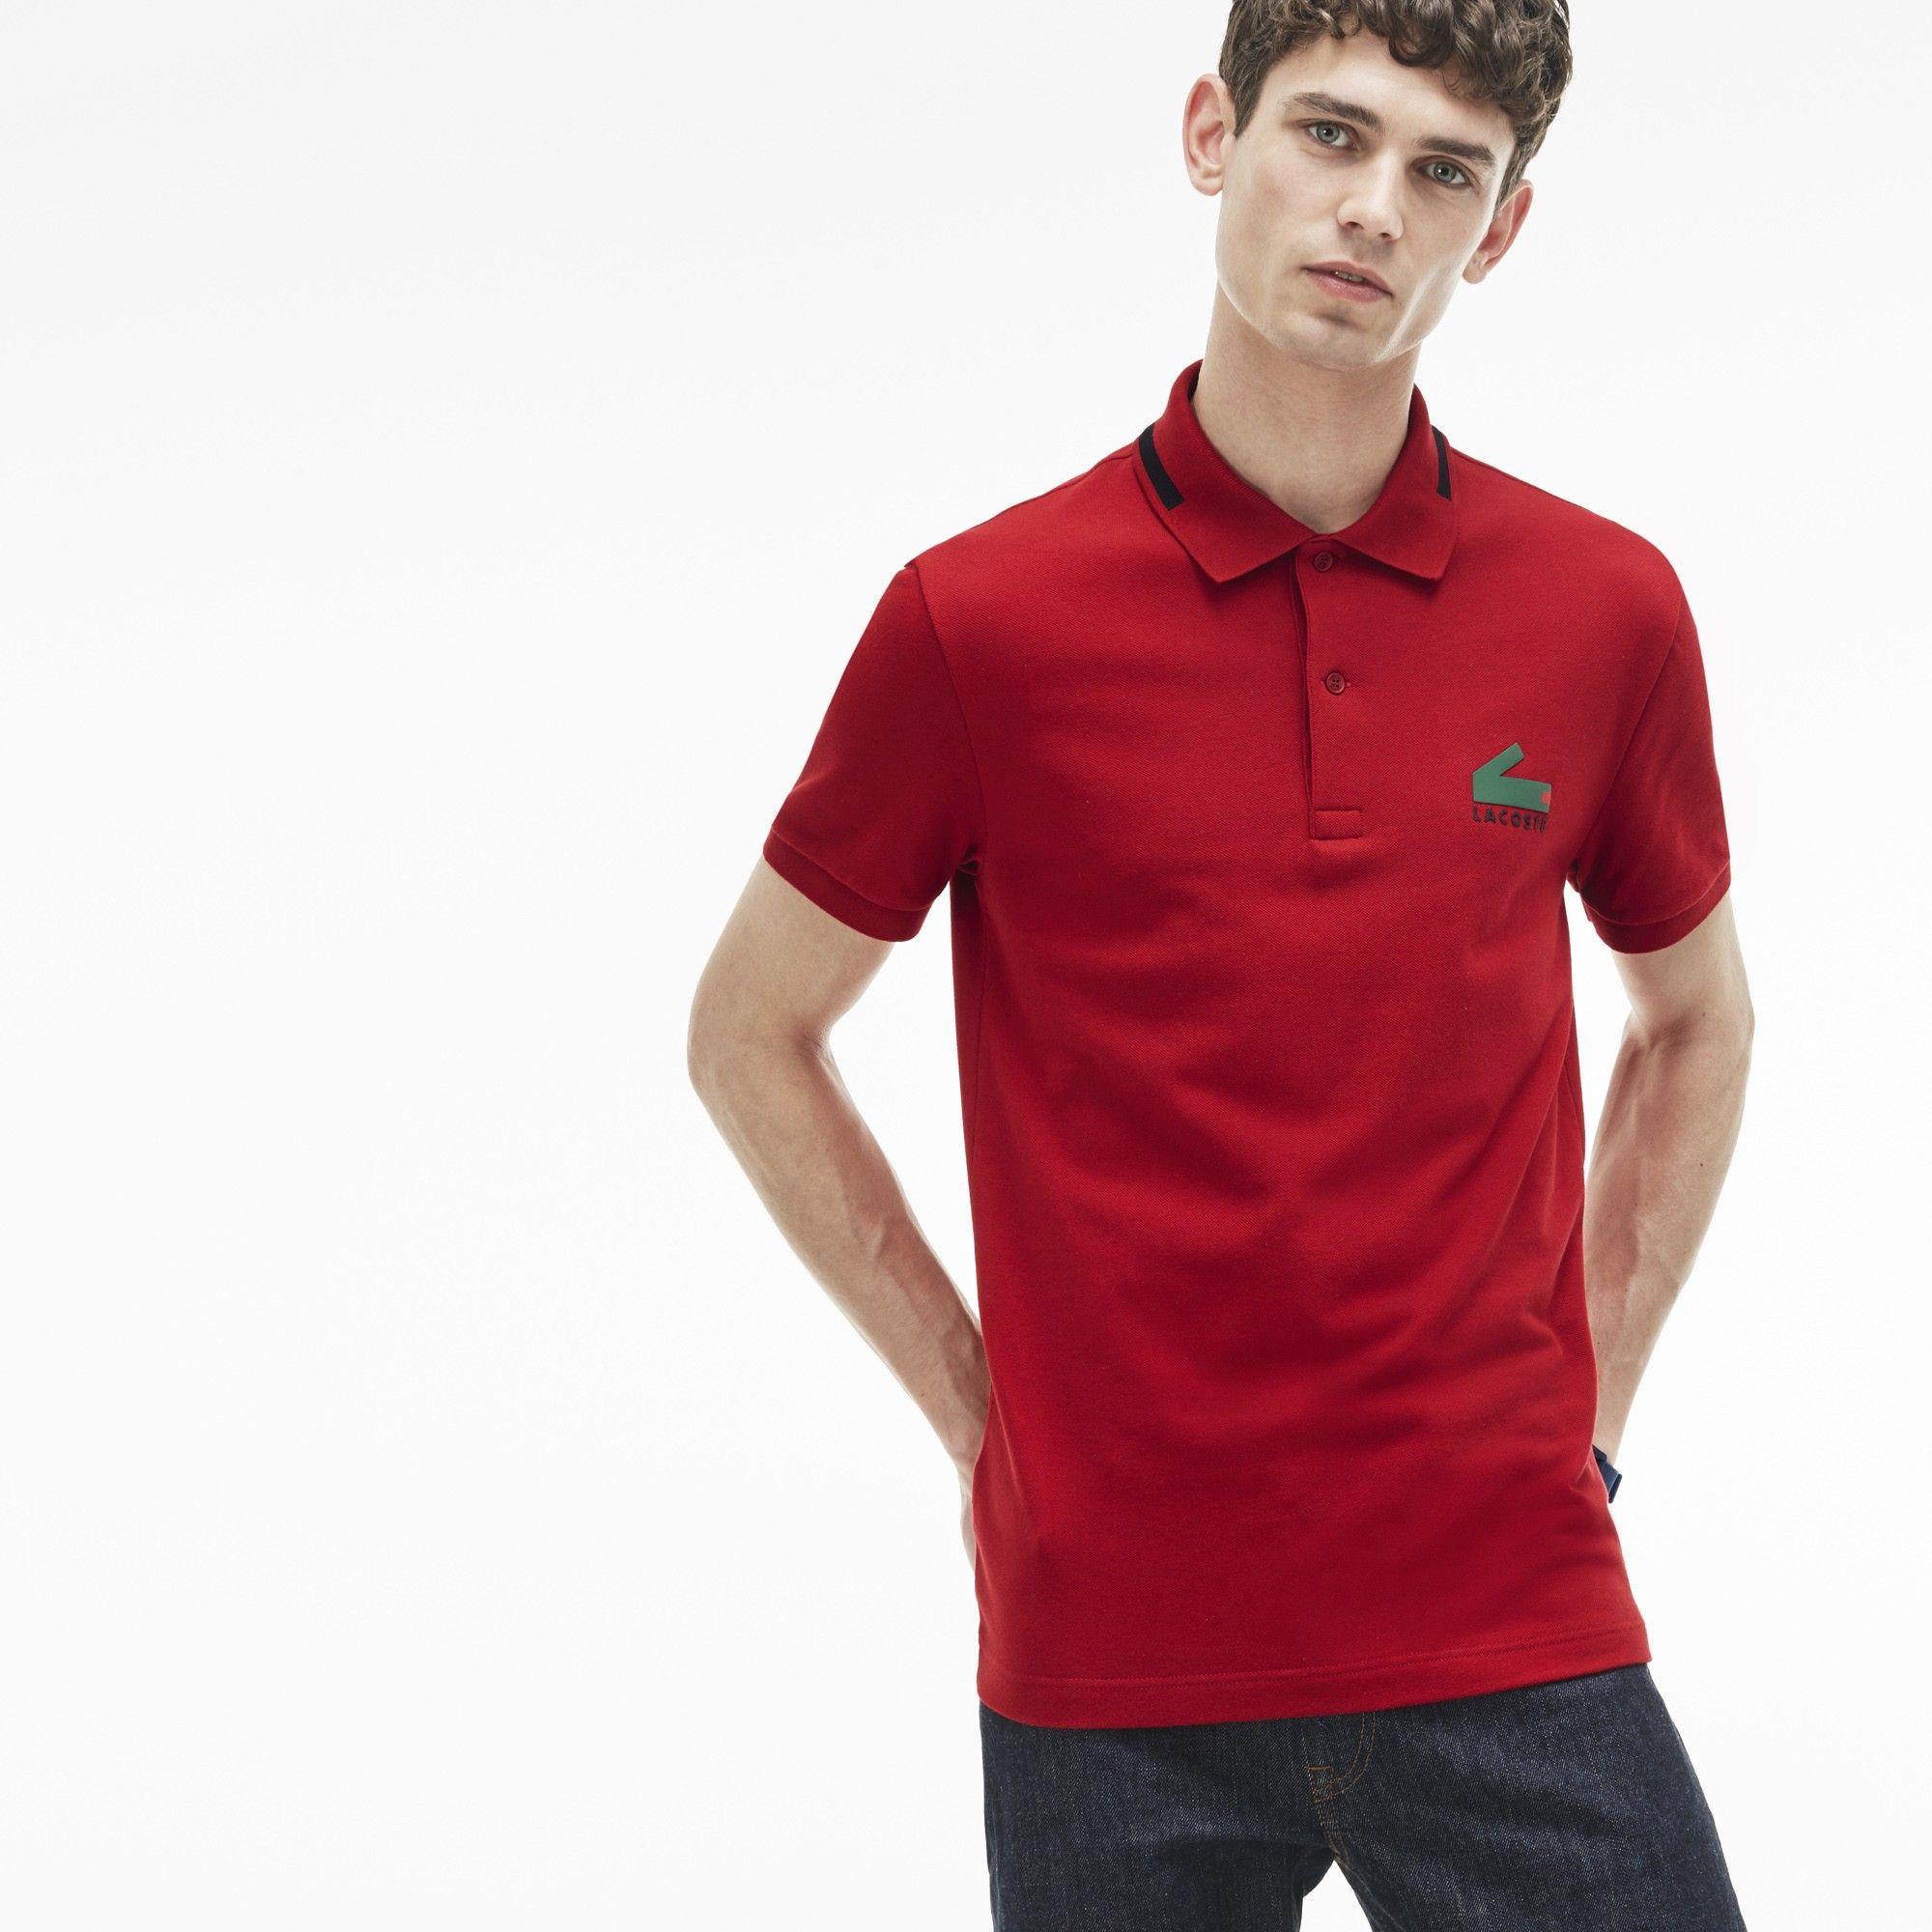 579c2e9b LACOSTE Men's Slim Fit Graphic Print Stretch Mini Piqué Polo ...